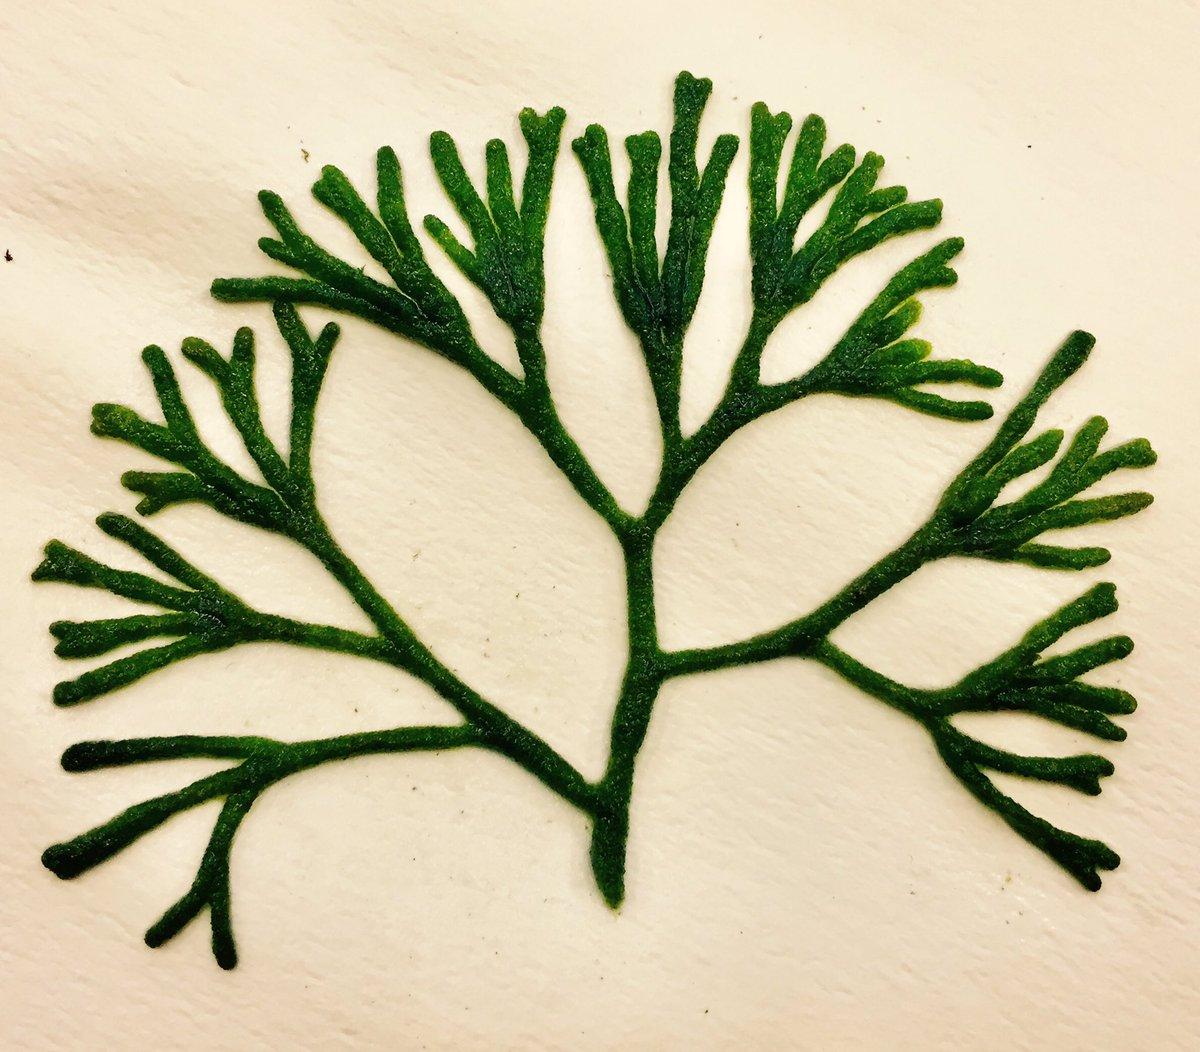 海藻のミル!この形は昔から着物などの文様にも使われてます。#海藻